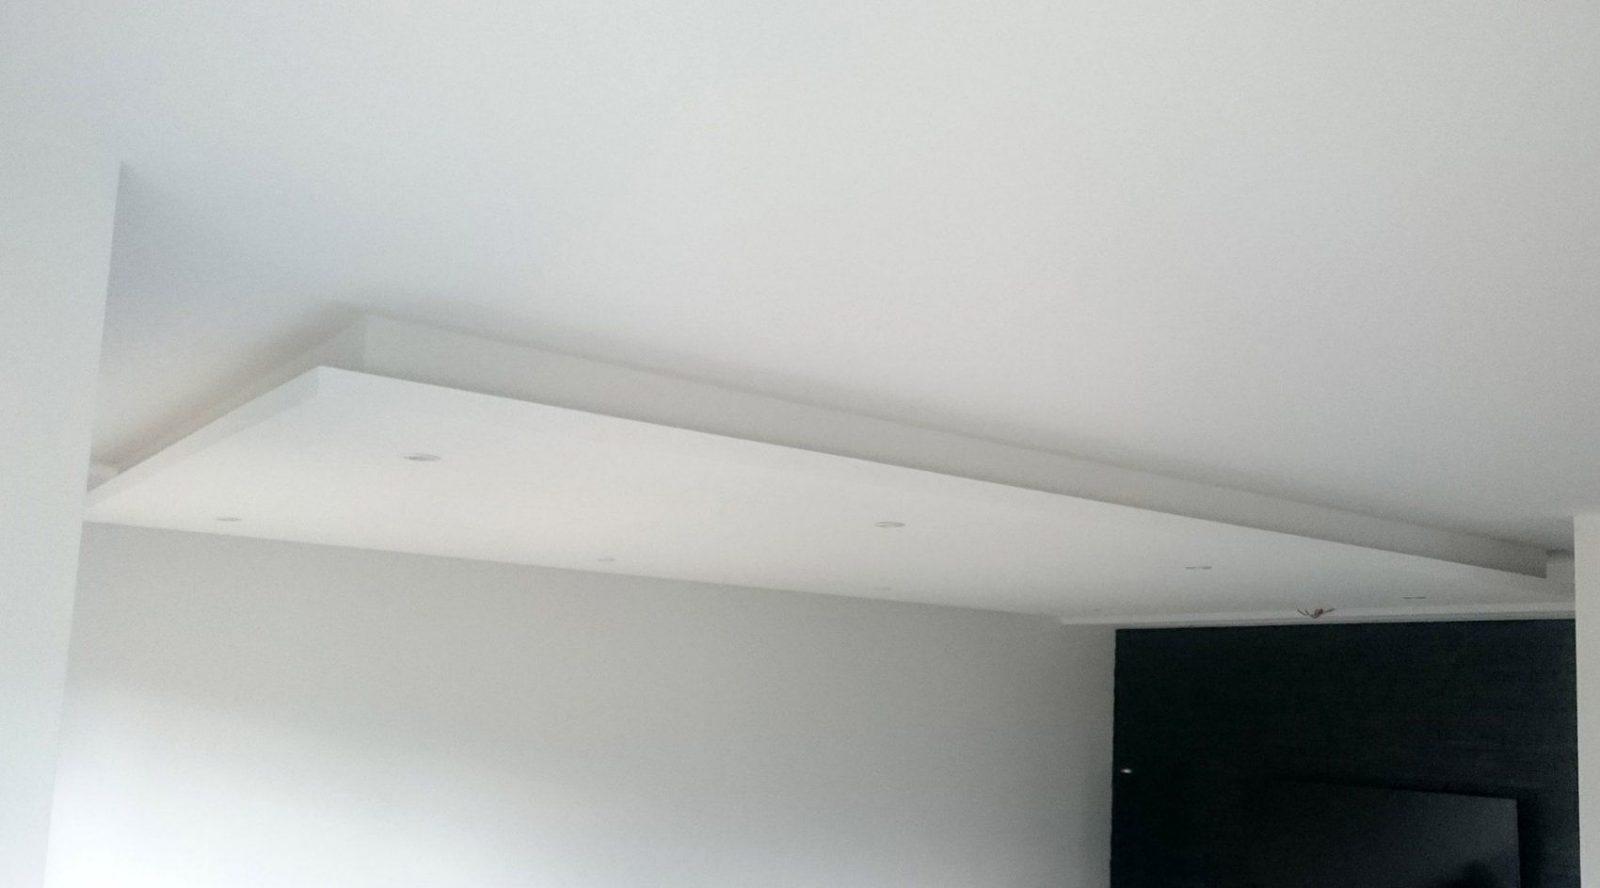 Abgehängte Decke Mit Indirekter Beleuchtung (Lichtvouten) Selber Machen von Abgehängte Decke Beleuchtung Selber Bauen Photo